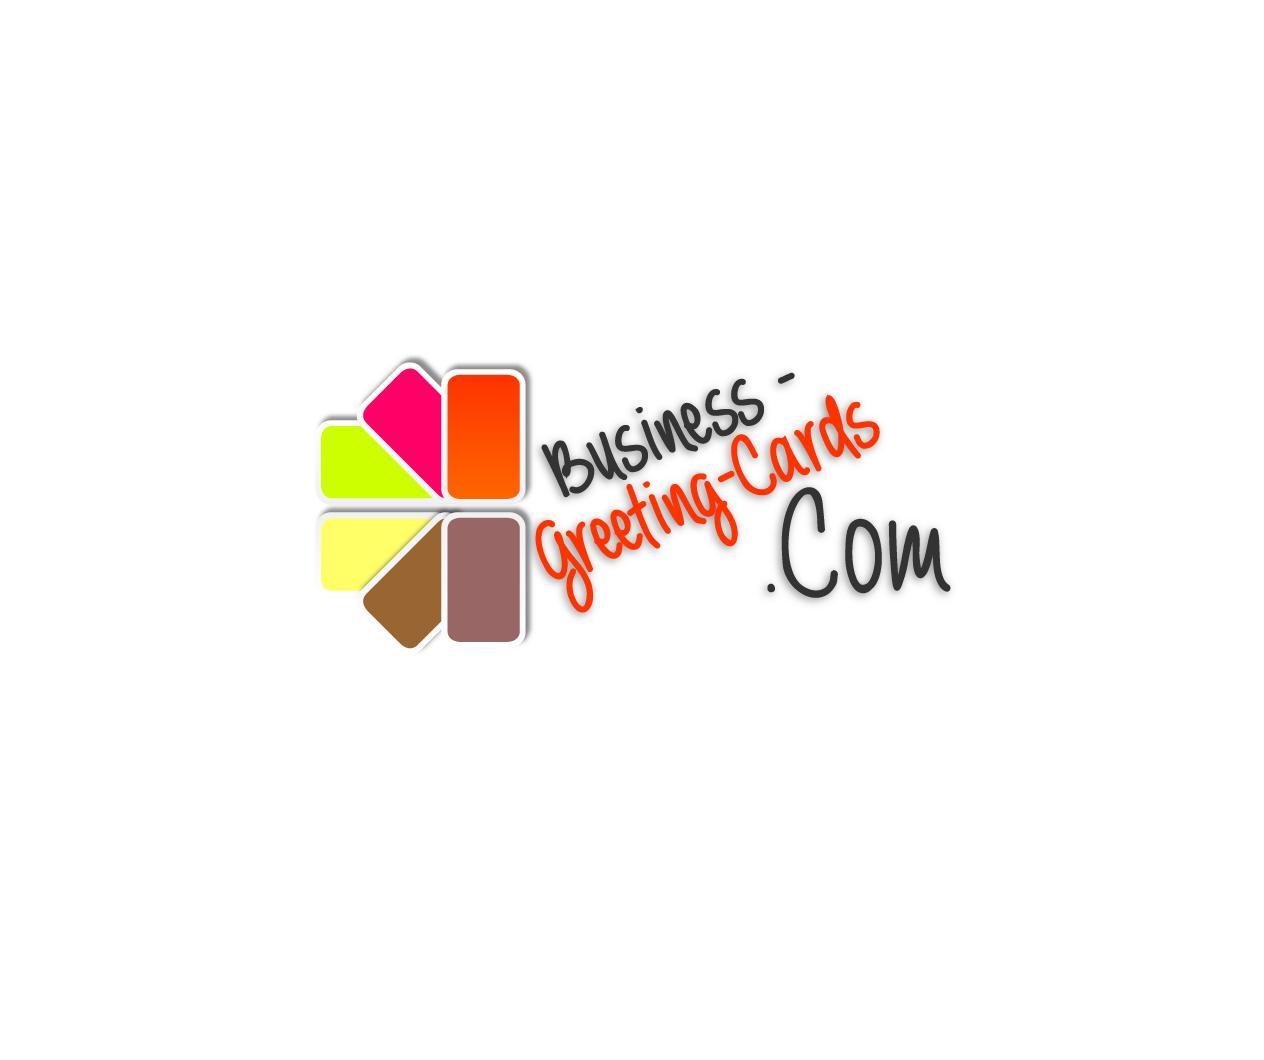 Elegant Playful Marketing Logo Design For Business Greeting Cards